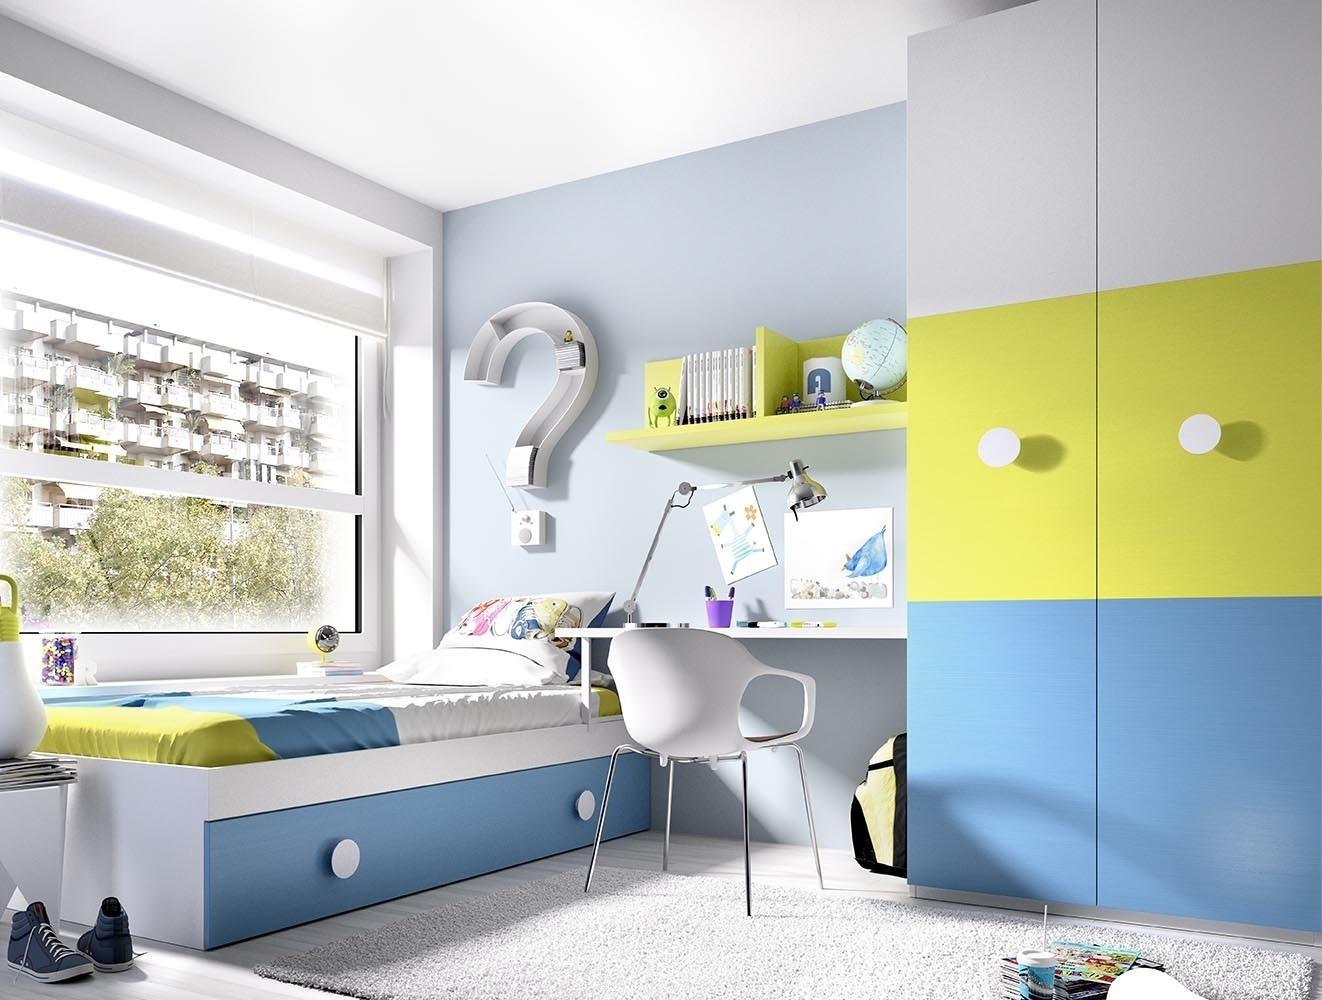 Camera colorata e capiente k 212 mobili bambini armadio letto - Armadio camera bambini ...